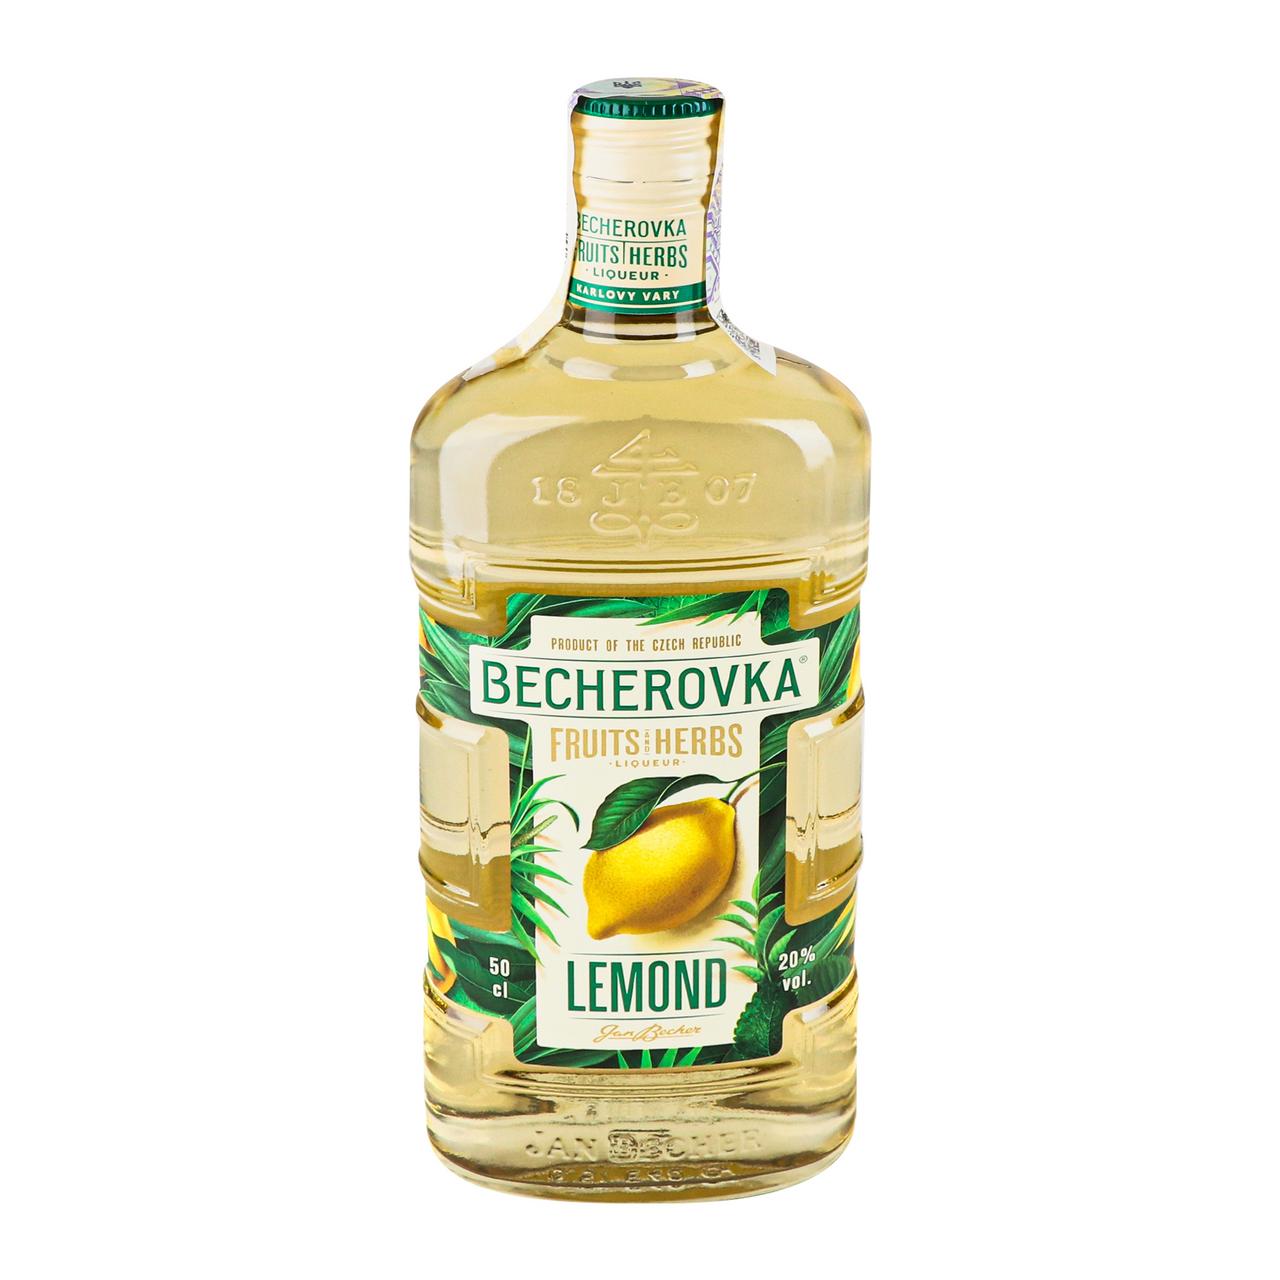 Настоянка Becherovka Lemond лікерна на травах 20% 0.5л